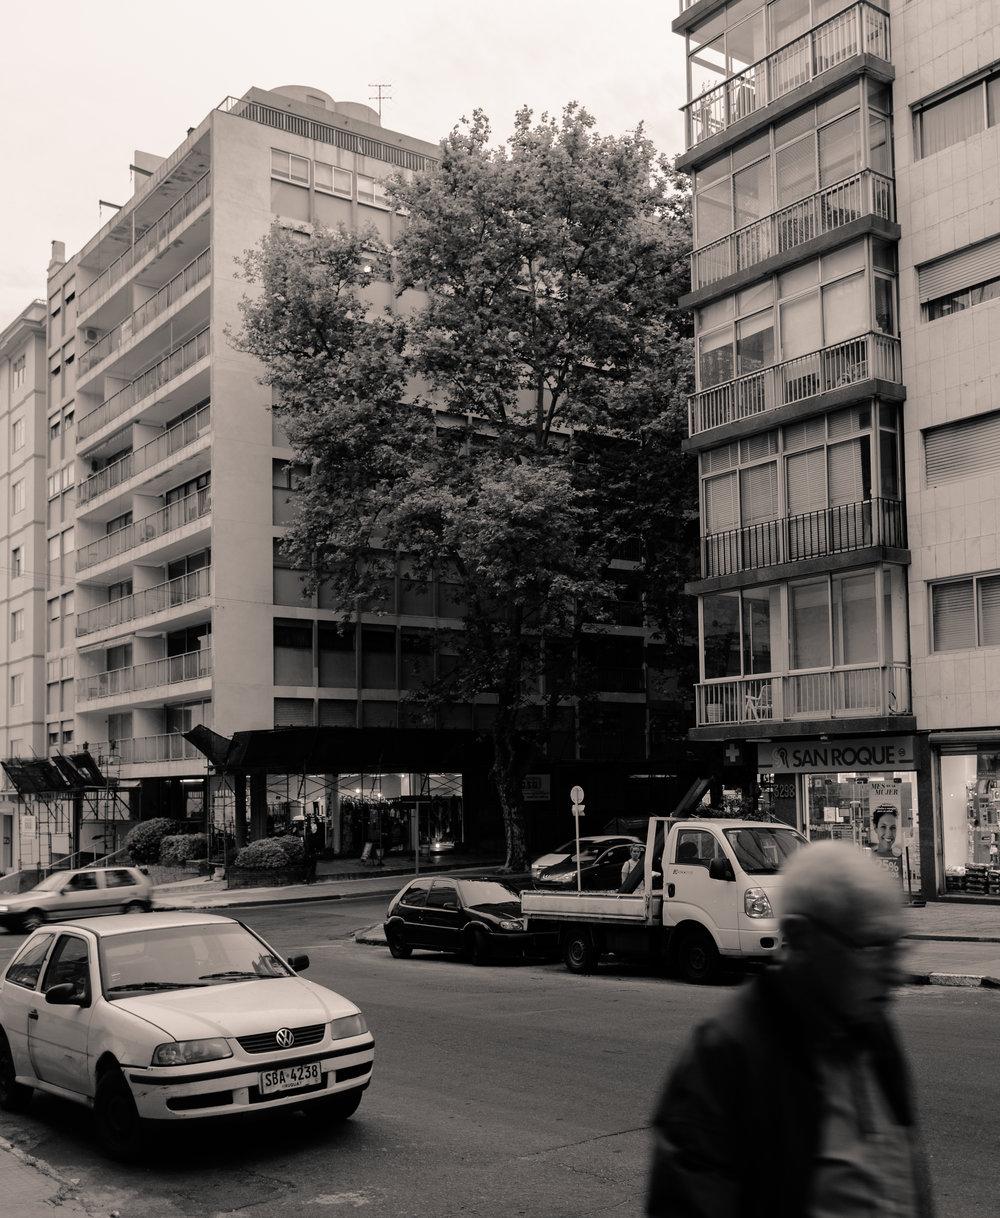 entre edificios.jpg